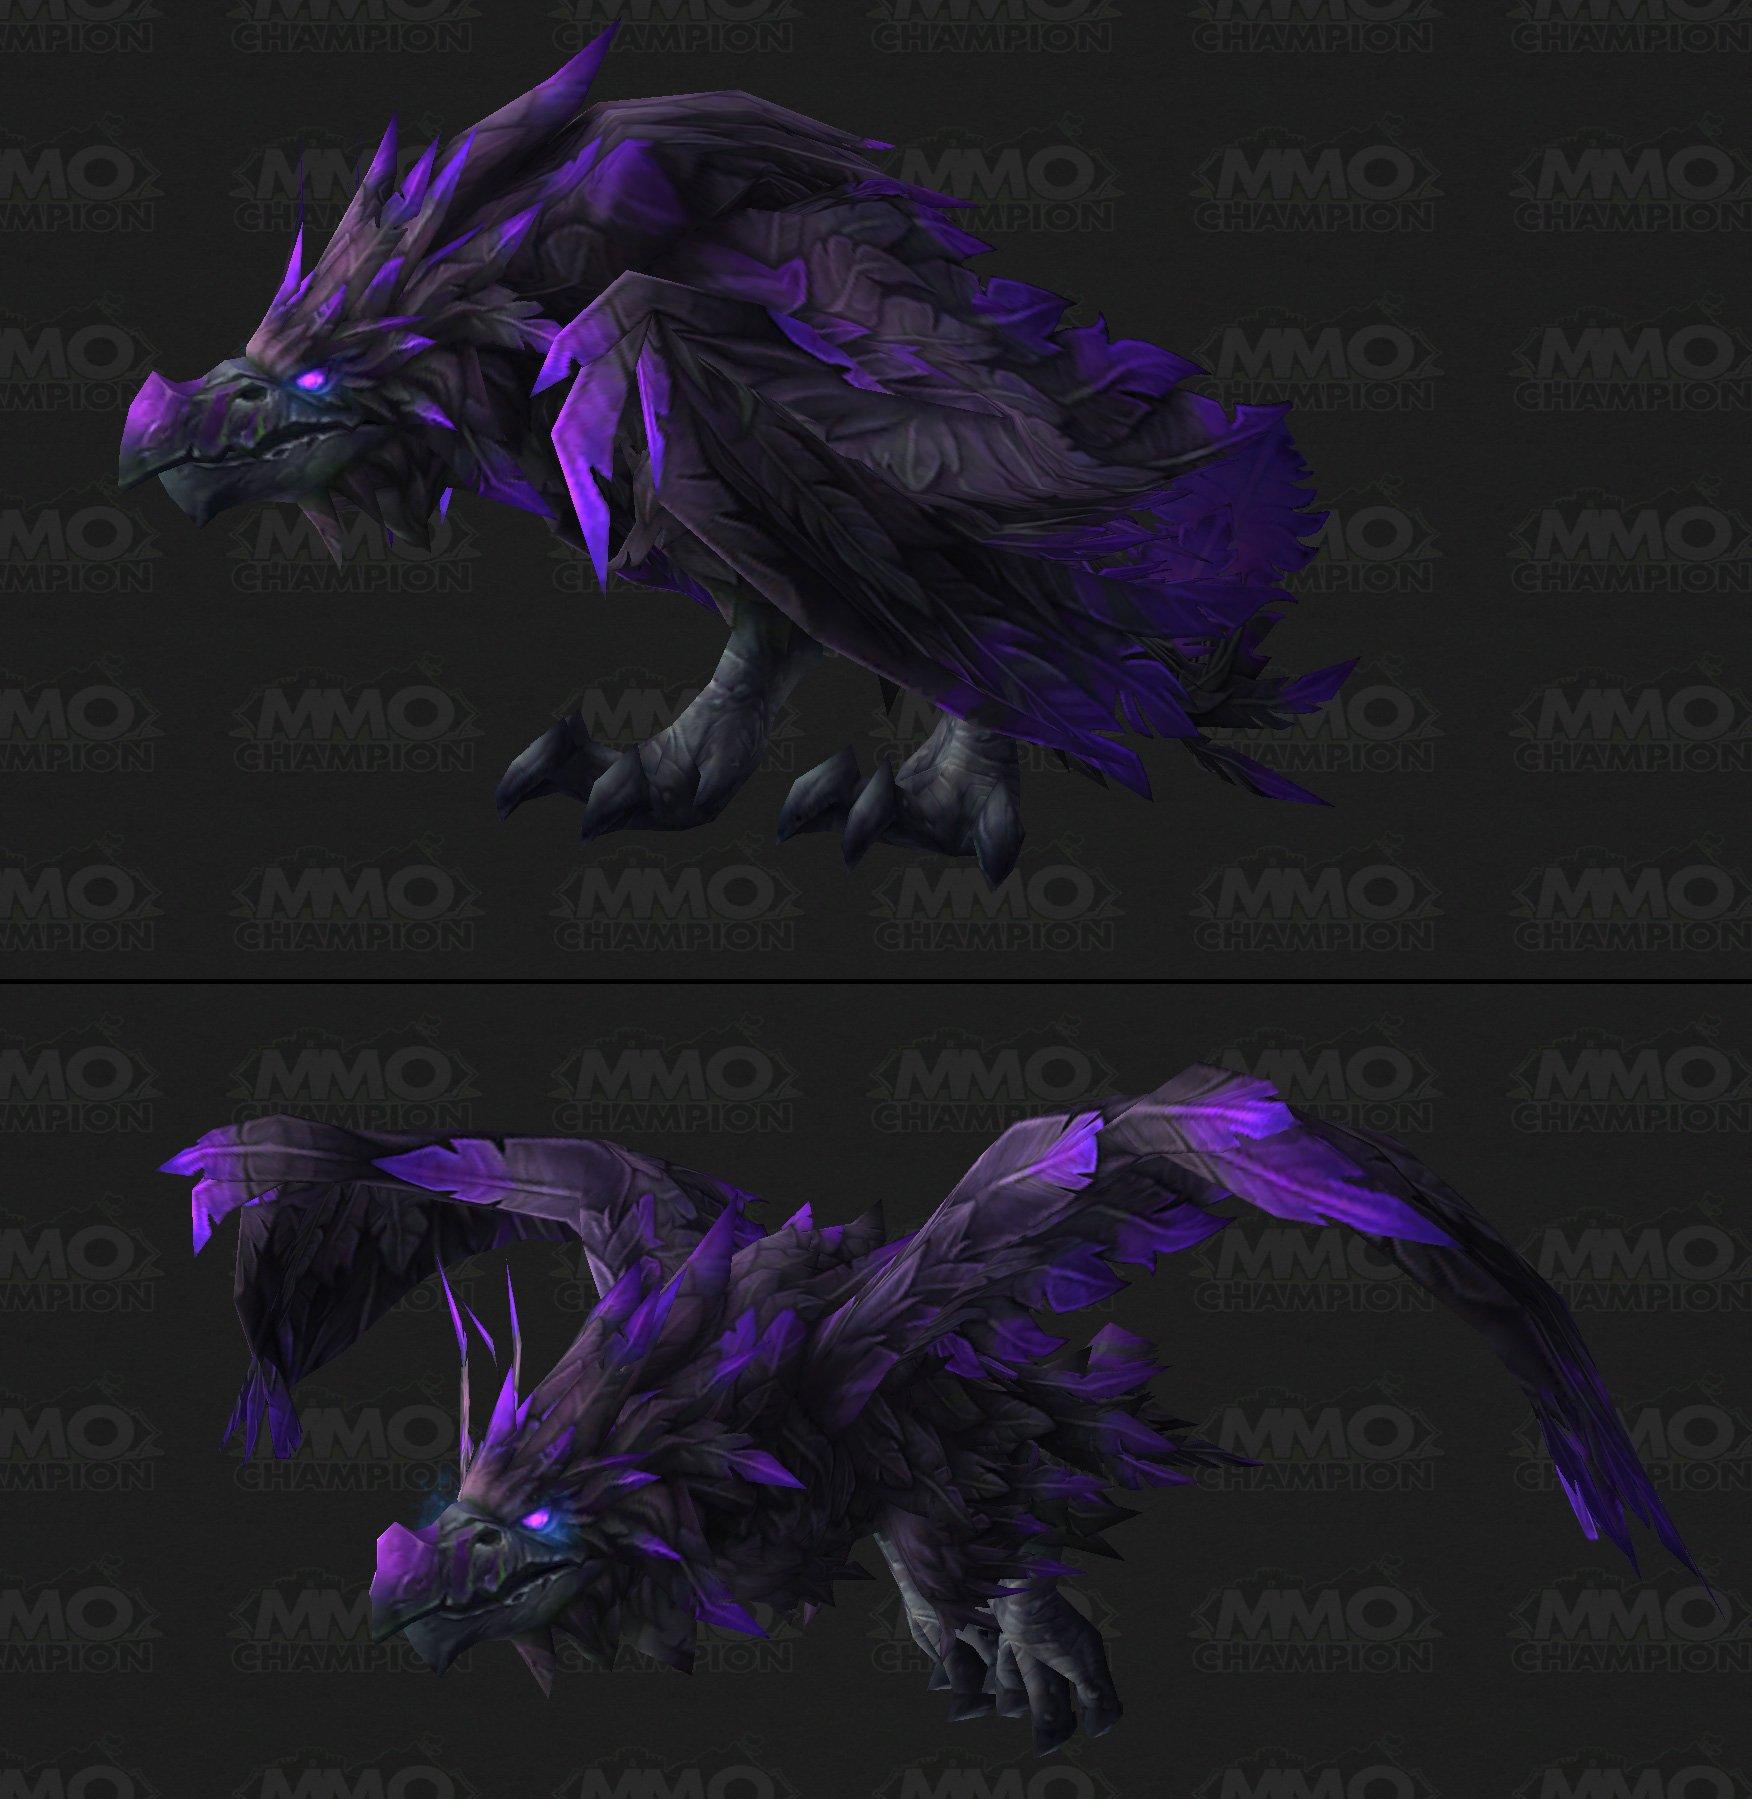 [SPOIL] Les nouveautés de WOD - Page 4 RavenLord_Purple